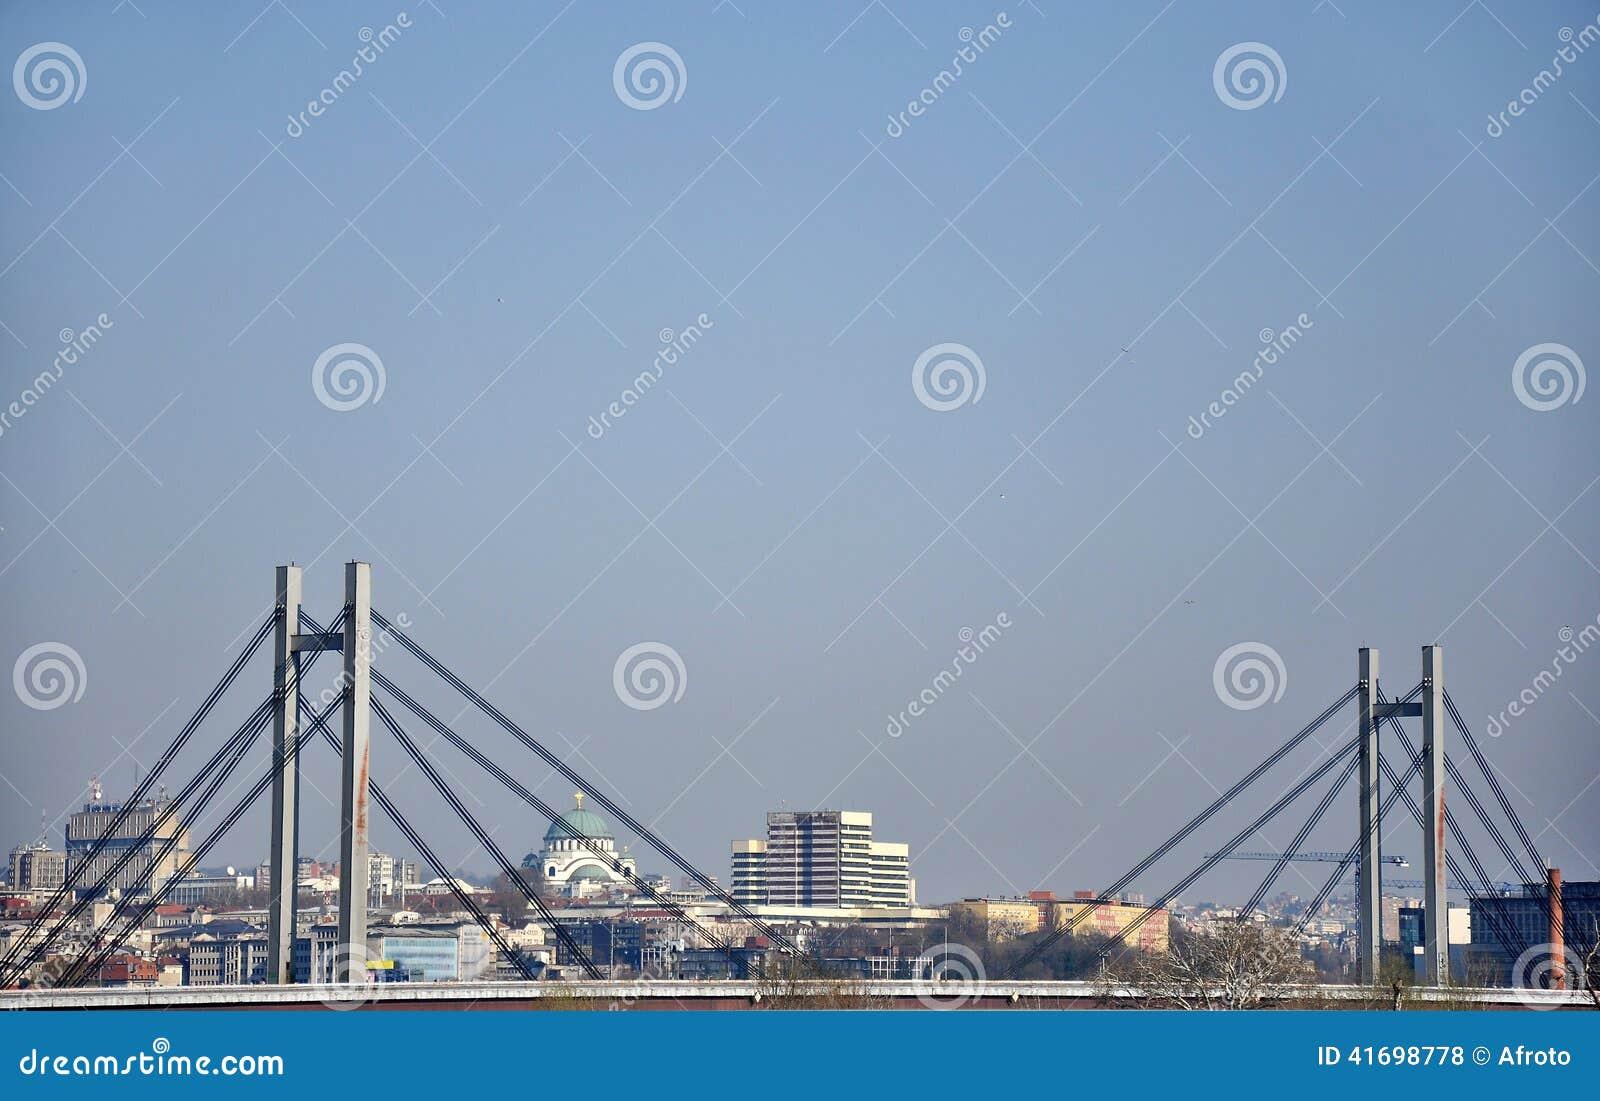 桥梁在大市贝尔格莱德